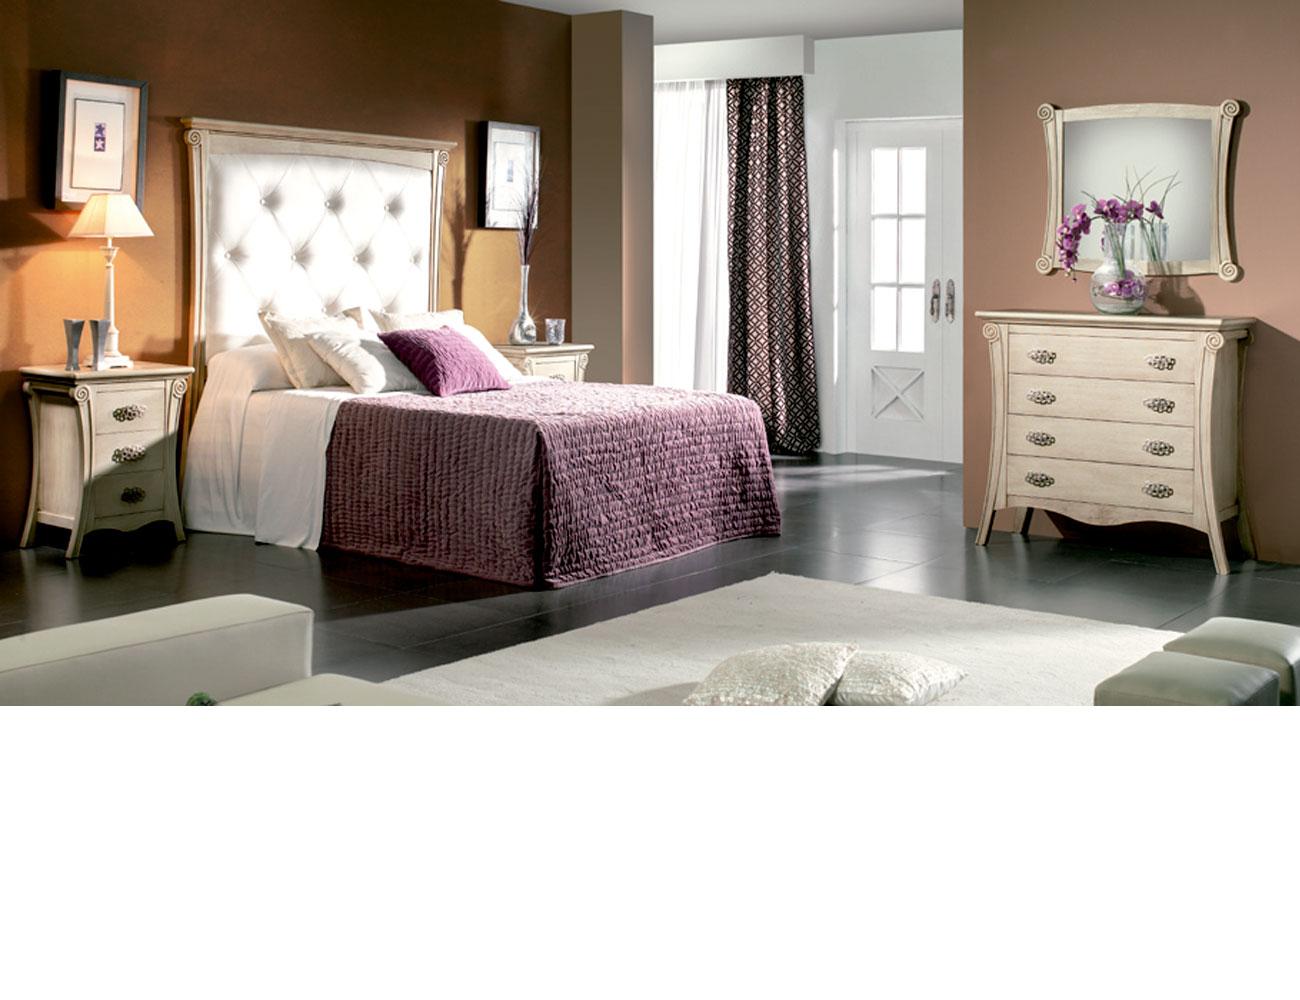 Dormitorio matrimonio cabecero tapizado polipiel color 500 tirador613